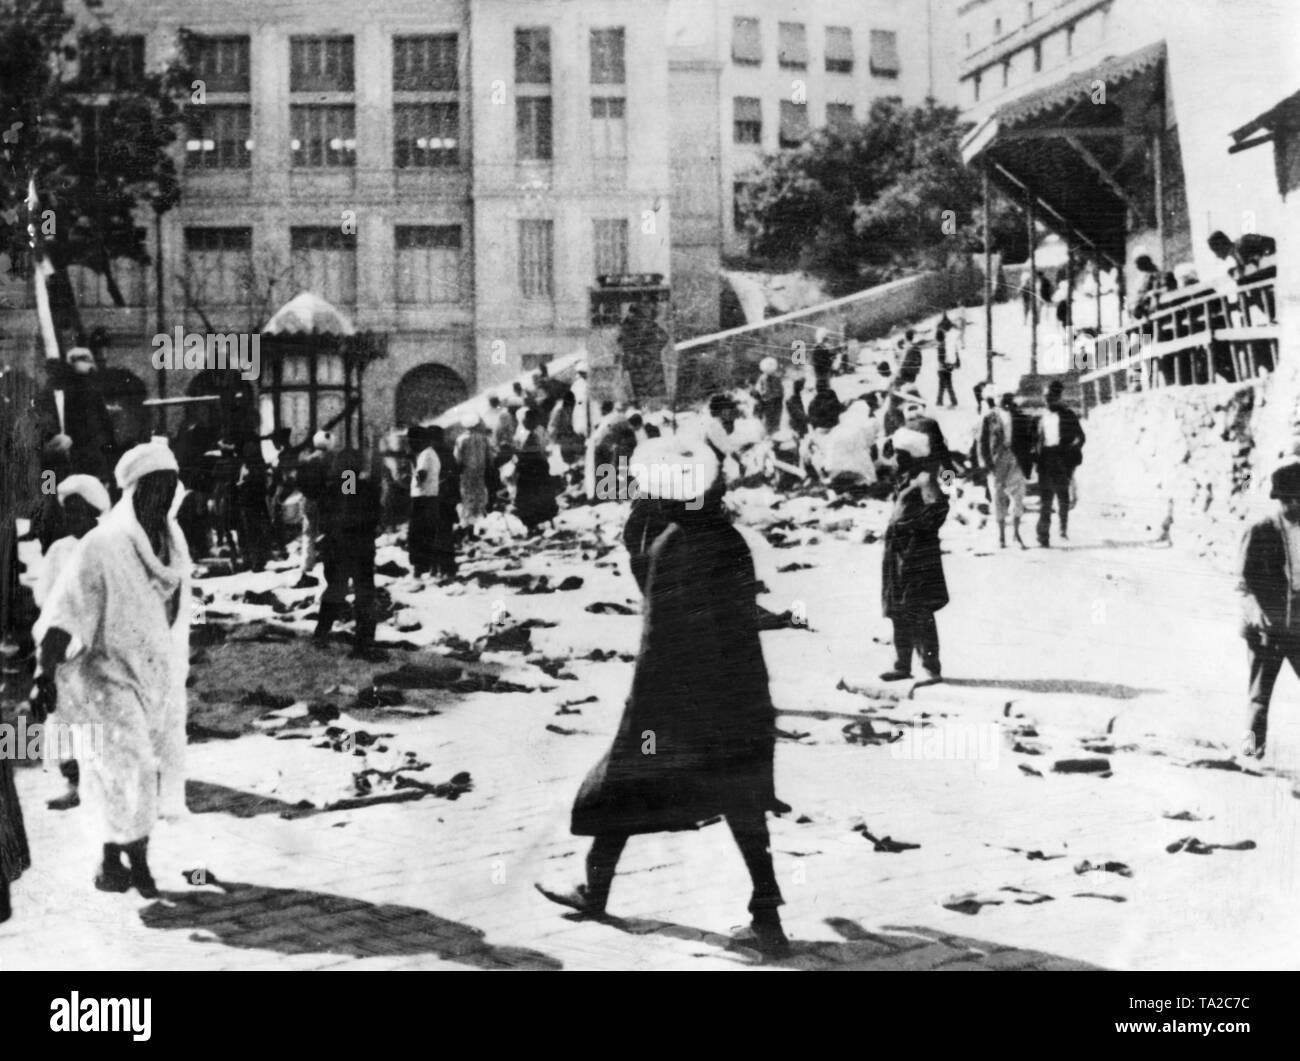 Vertreibung aus arabischen Ländern, Juden,    Expulsion from arabic countries, jews - Stock Image